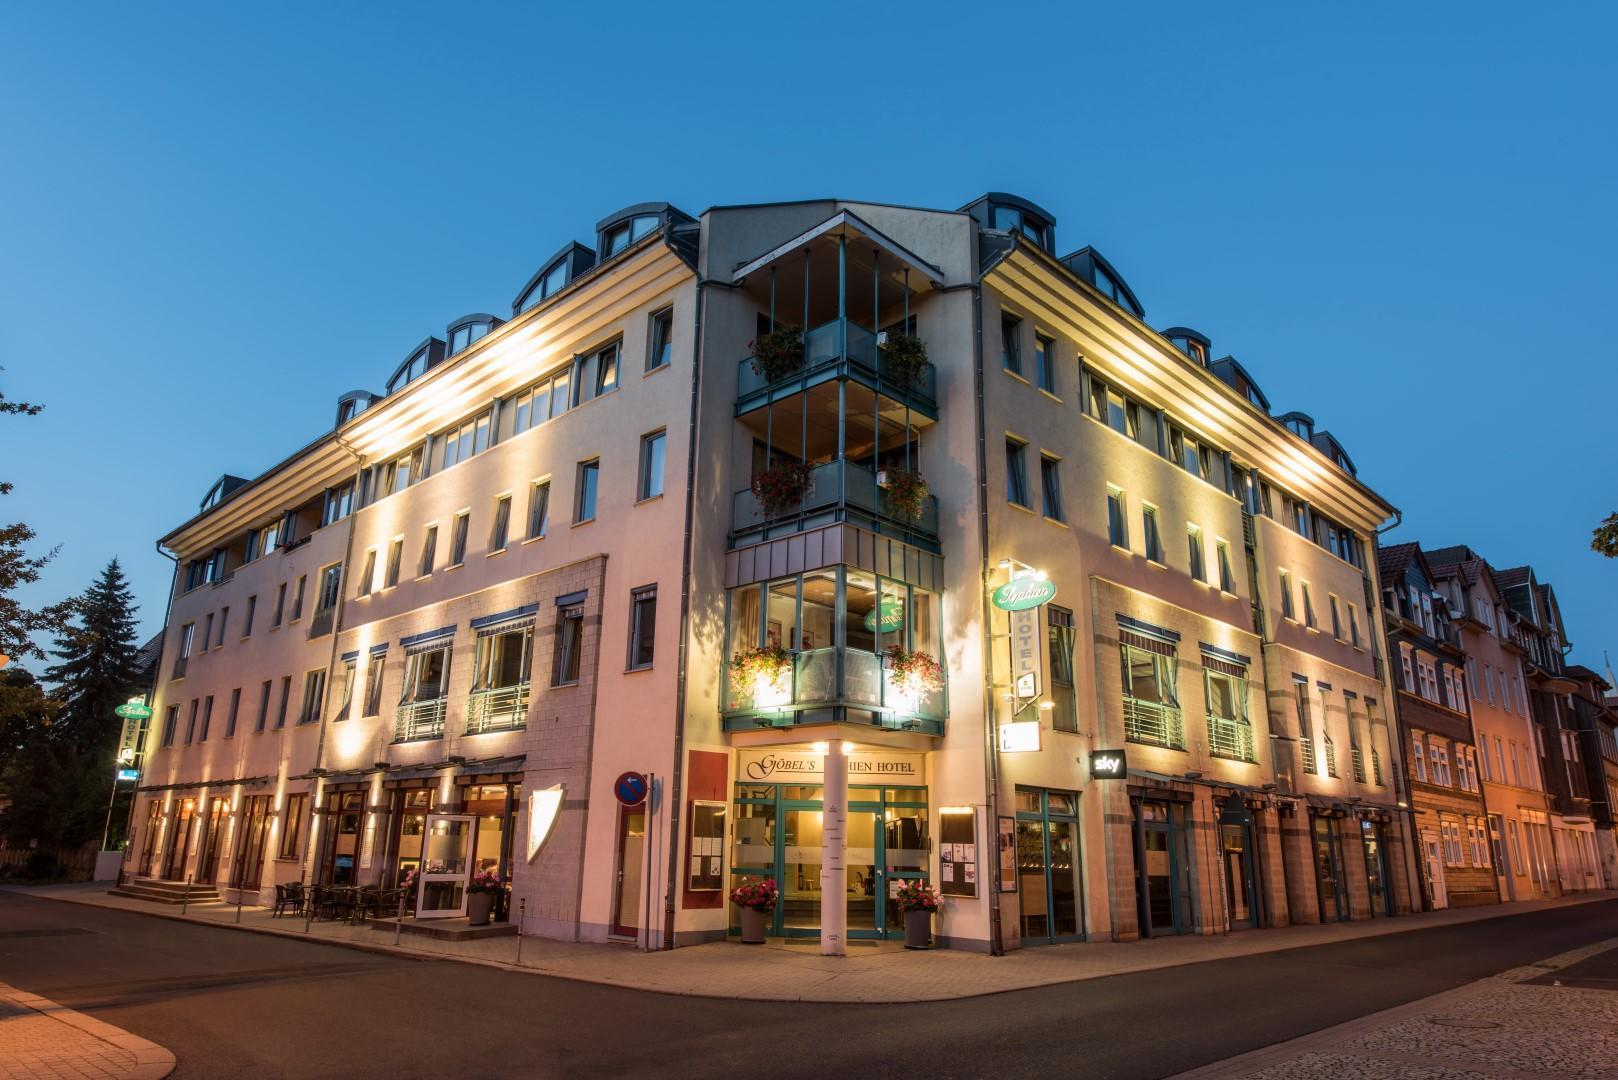 Goebel's Sophien Hotel